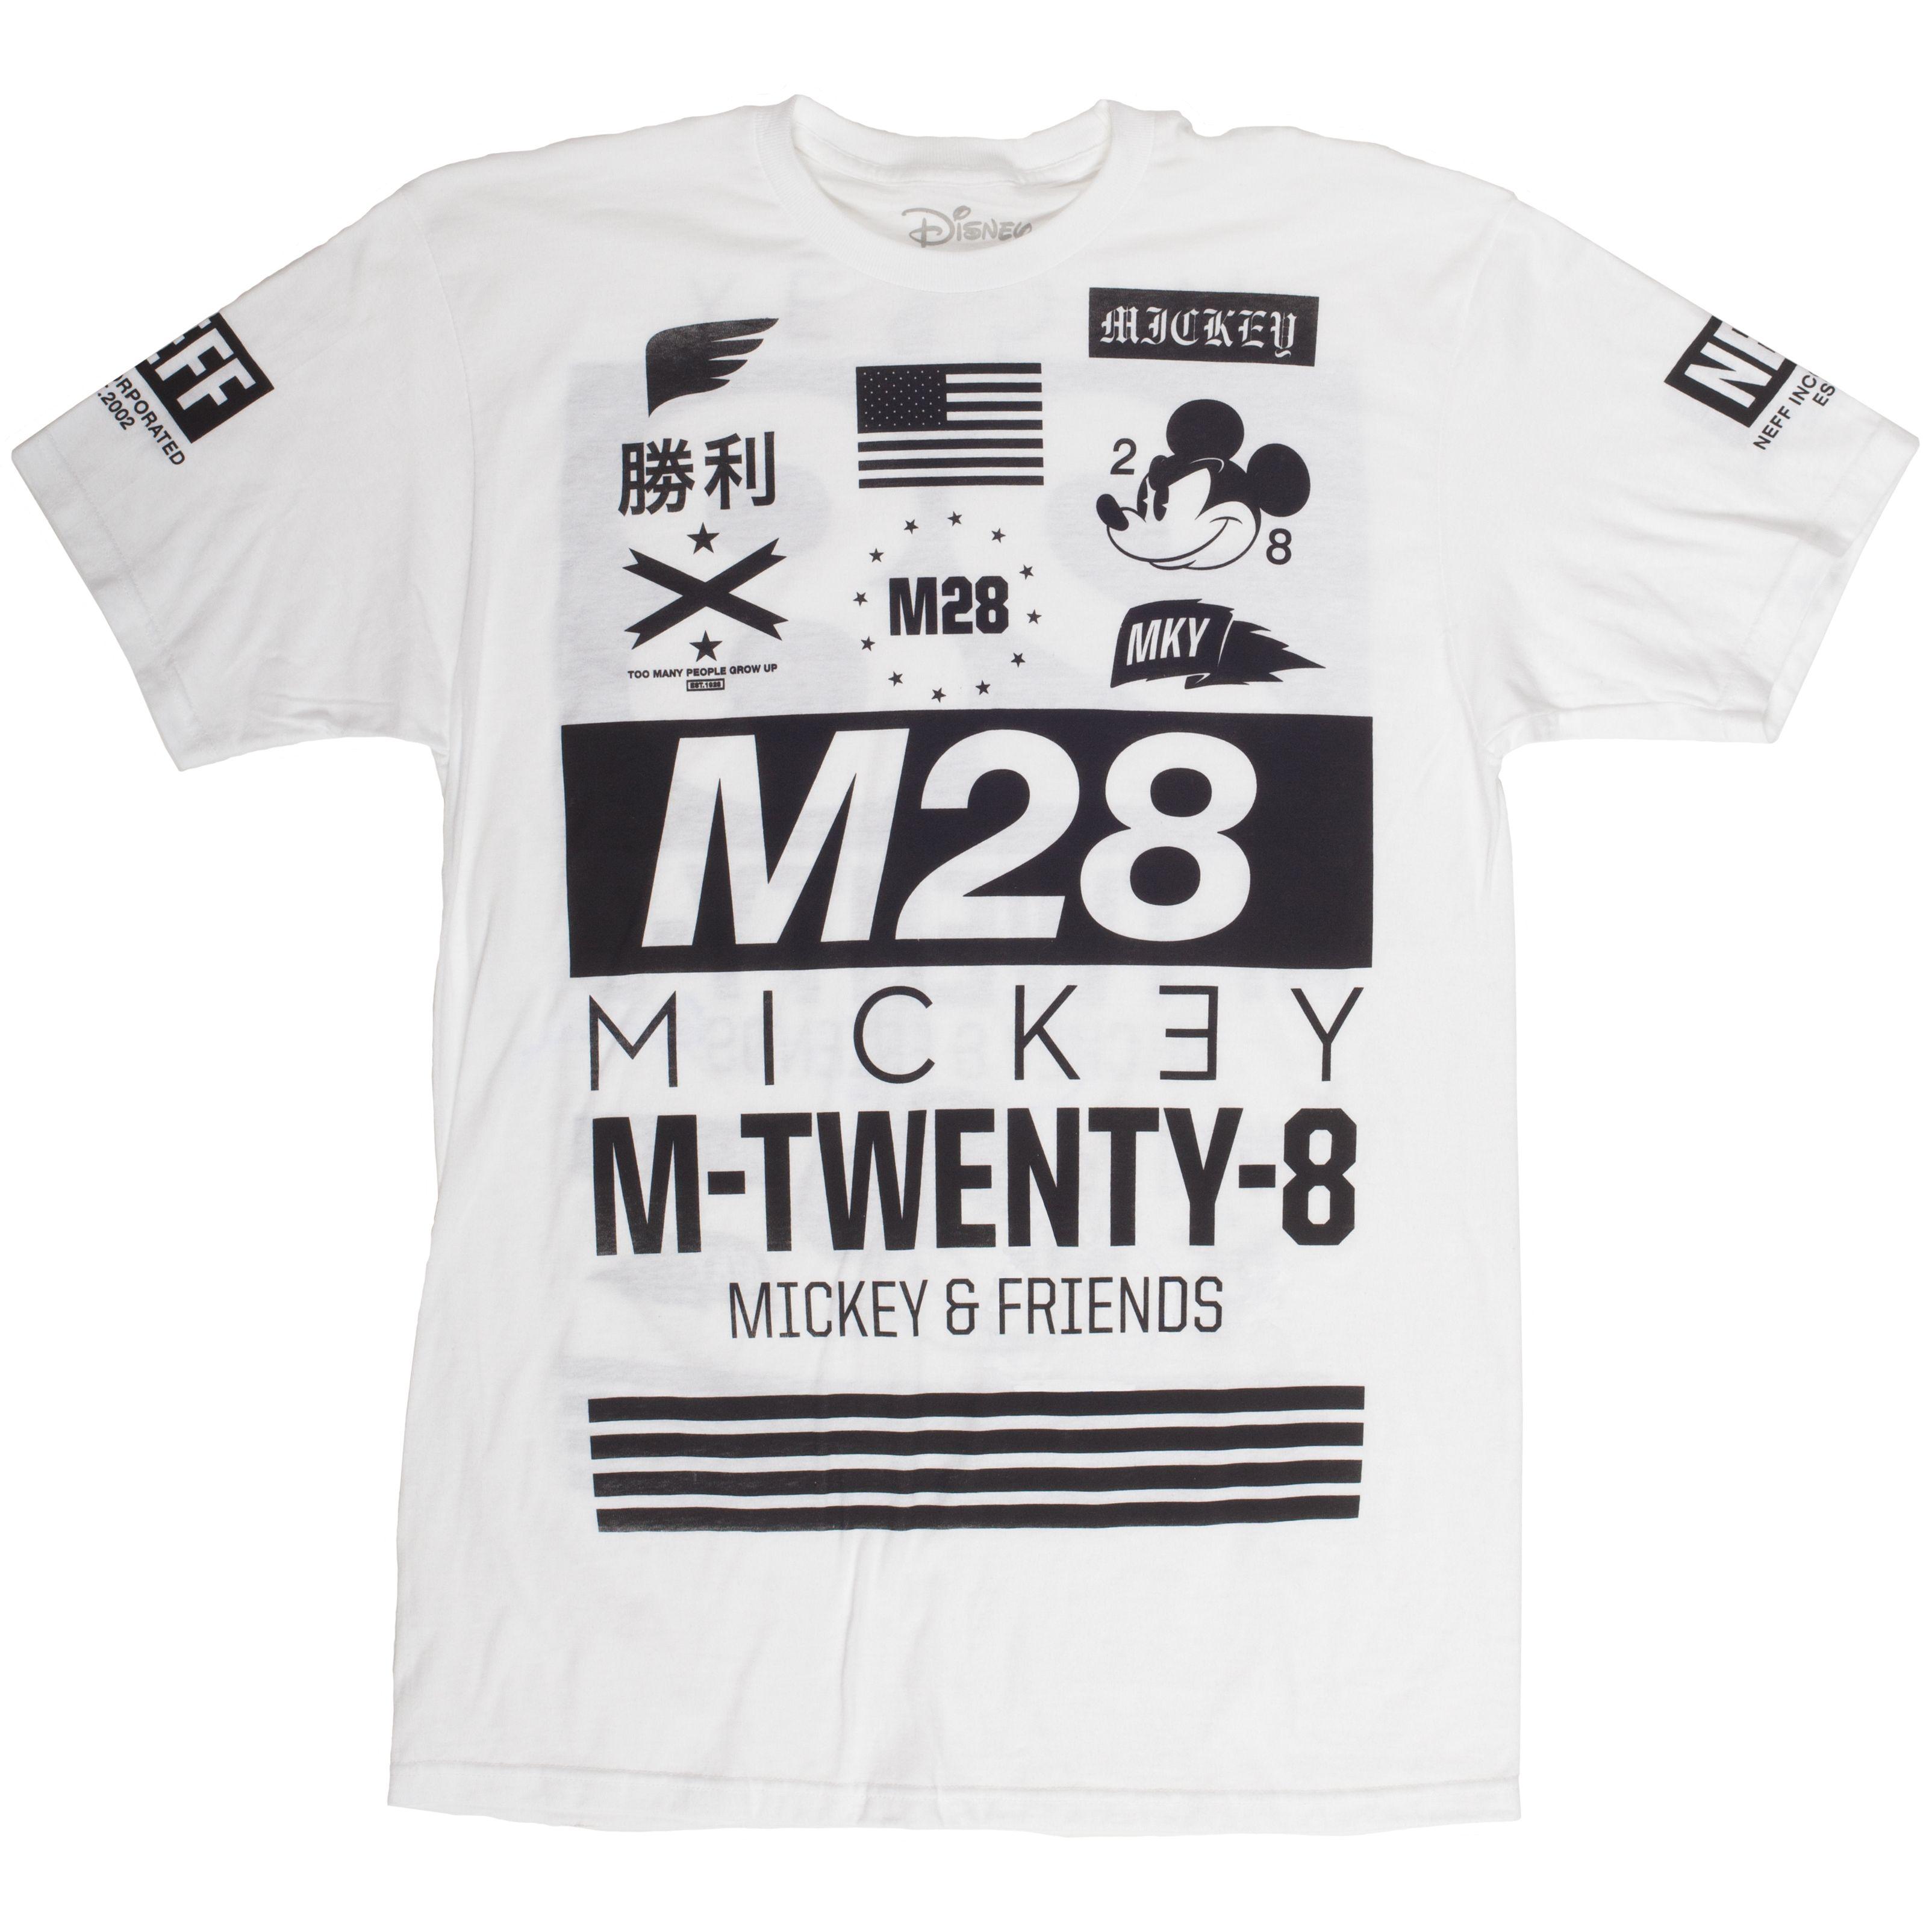 d2578eddd3 Cheap Printed T Shirts Nz | Saddha